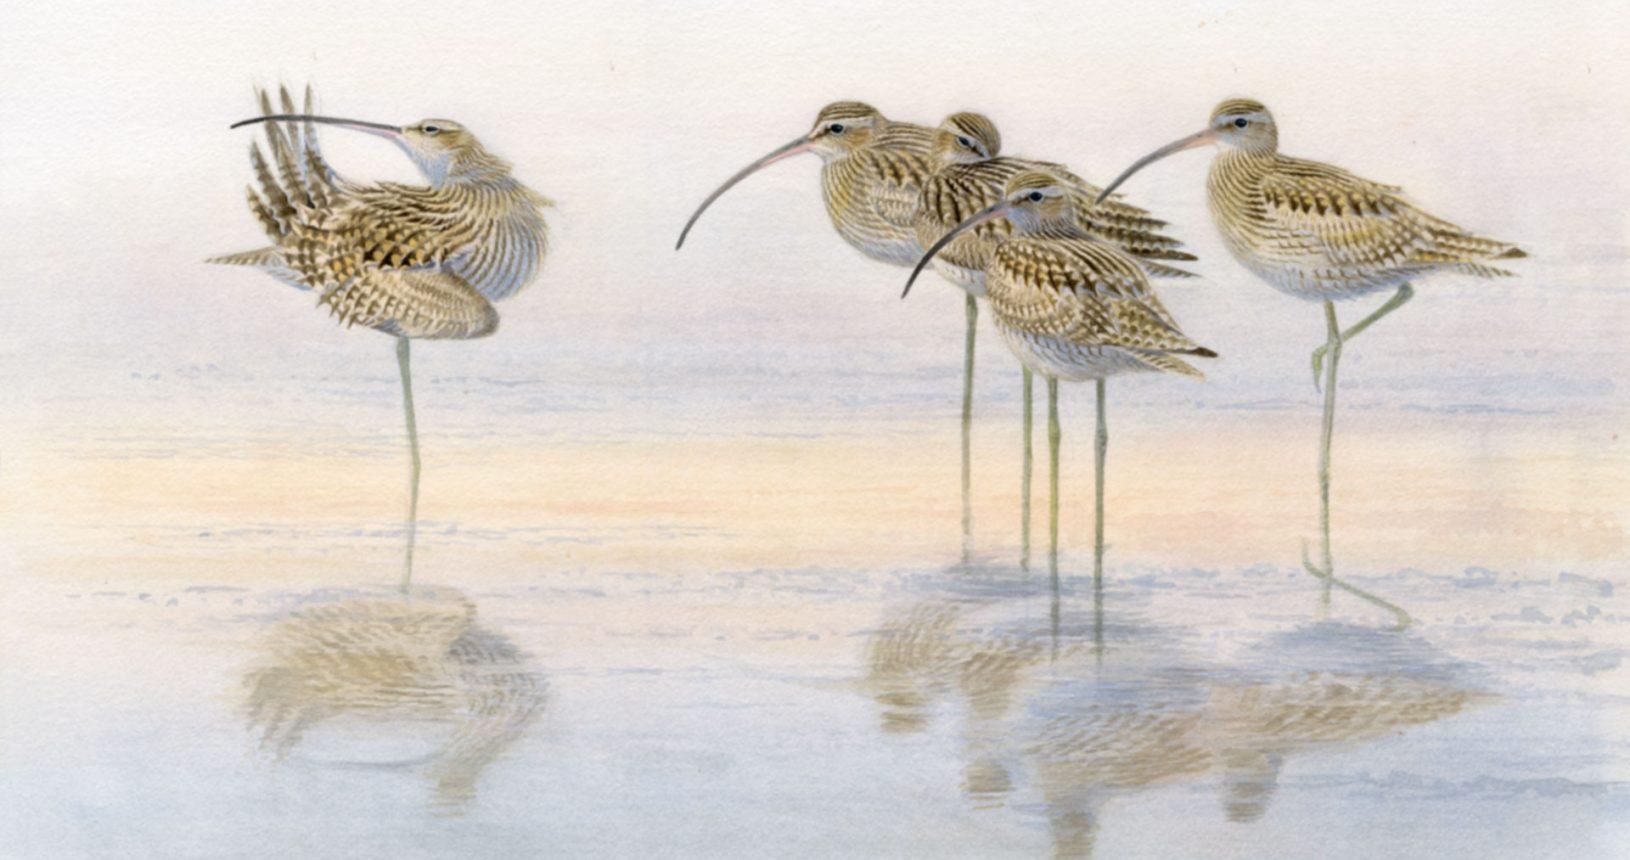 Großer Brachvogel © Christopher Schmidt